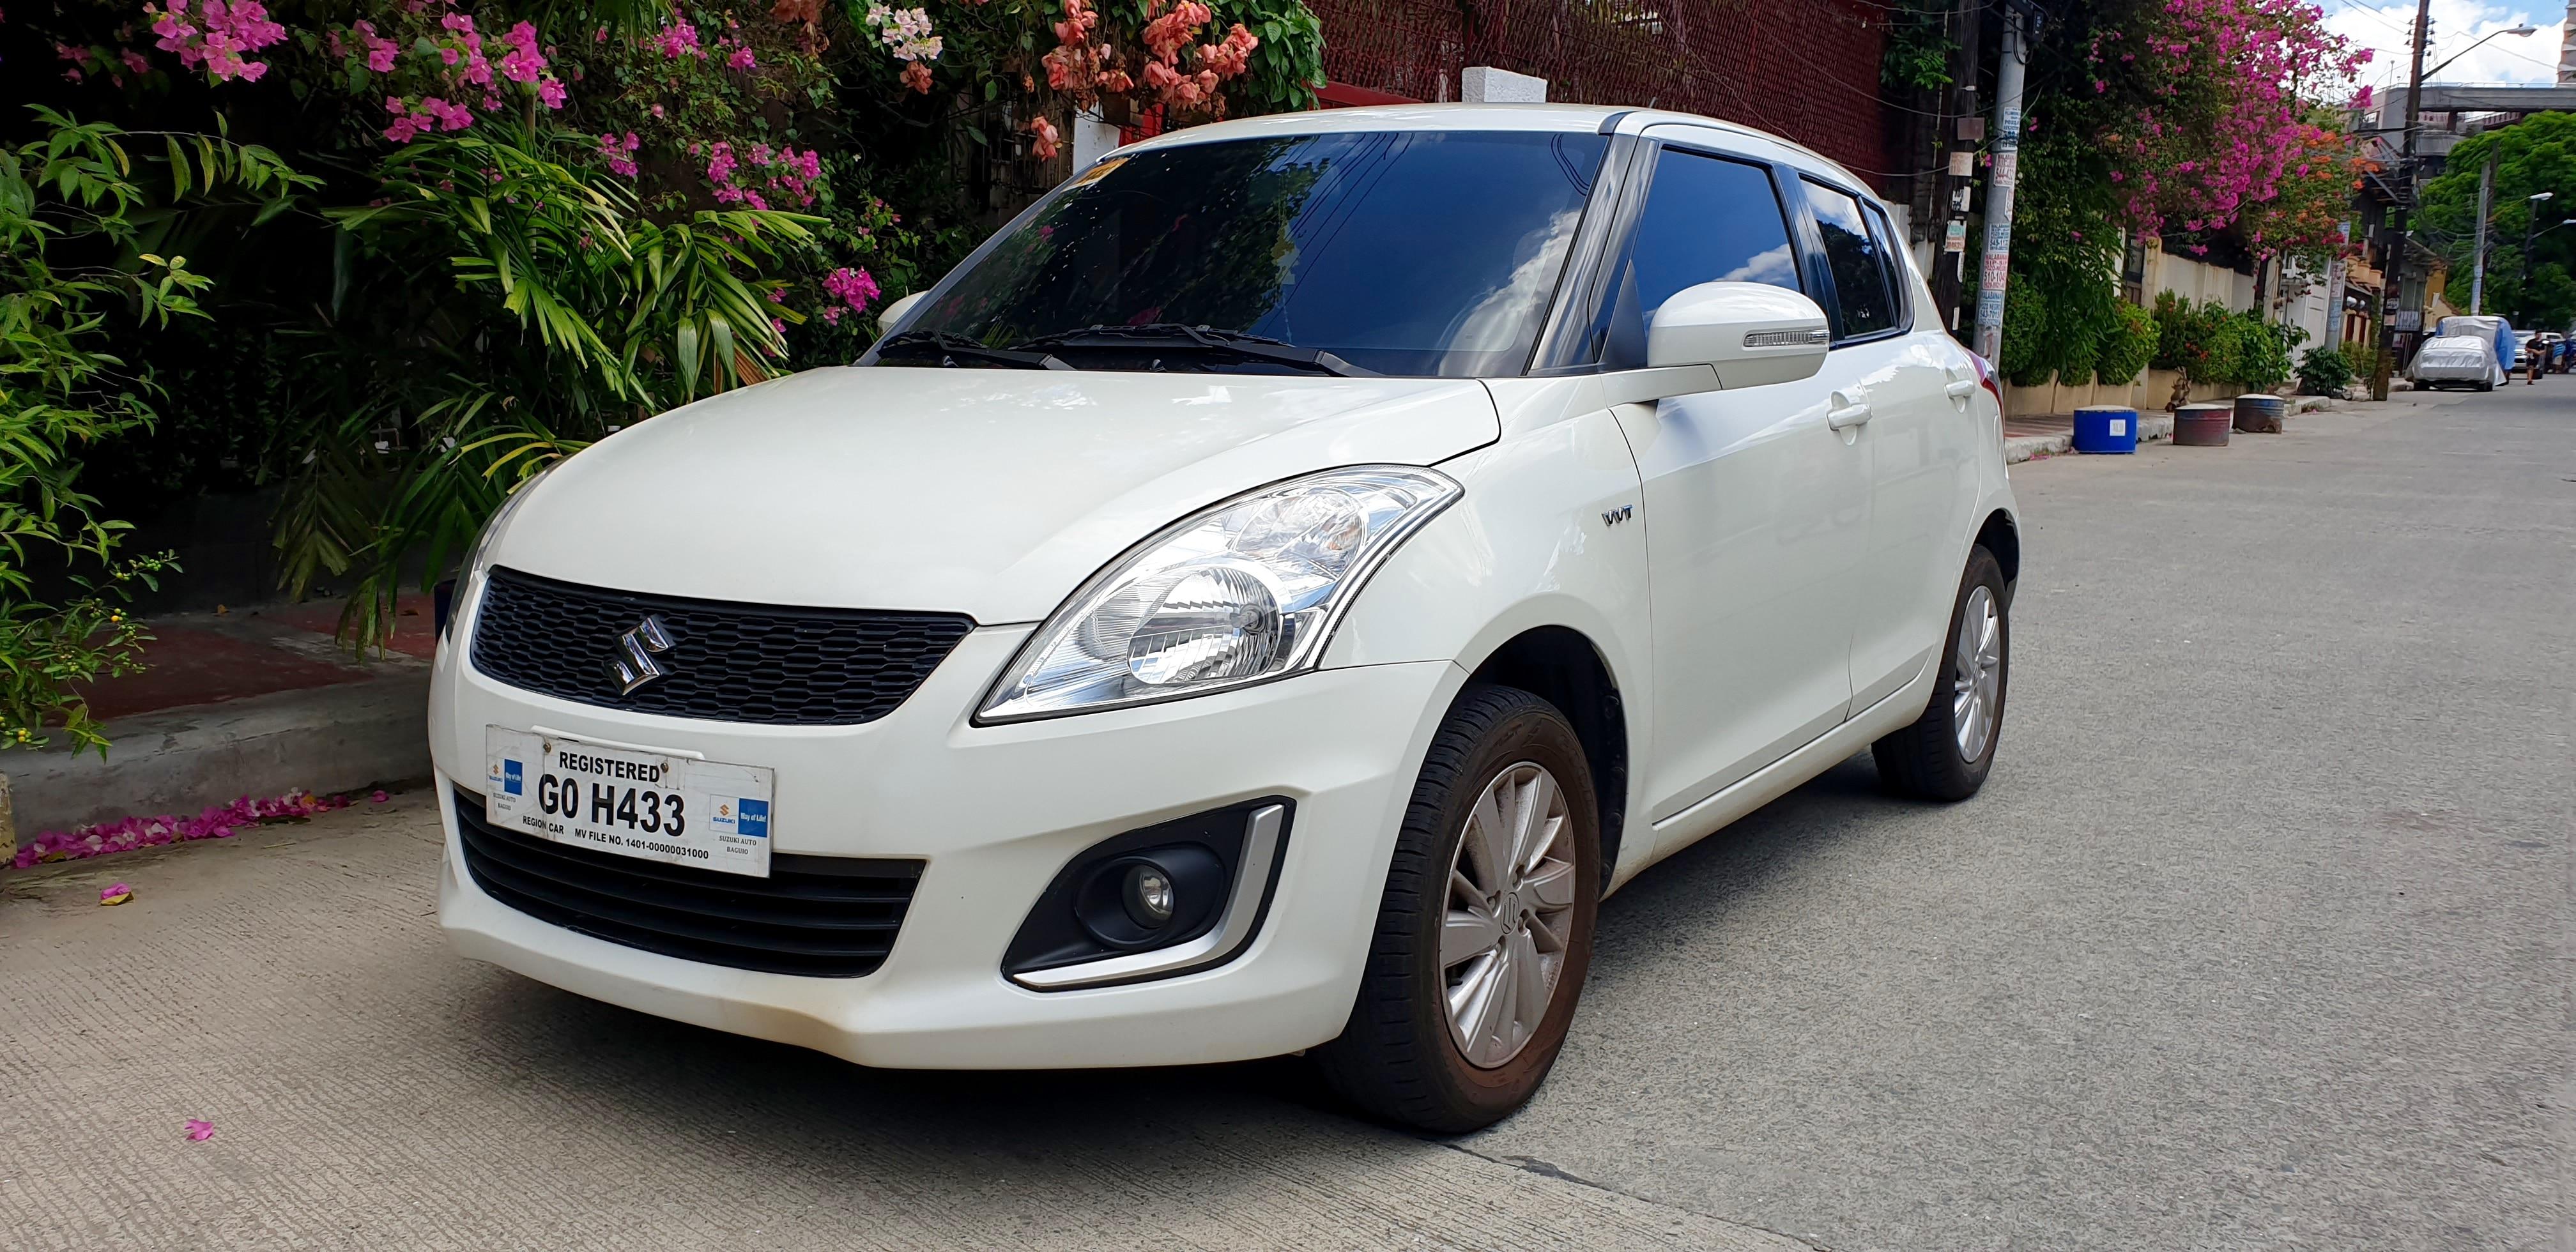 2018 Suzuki Swift